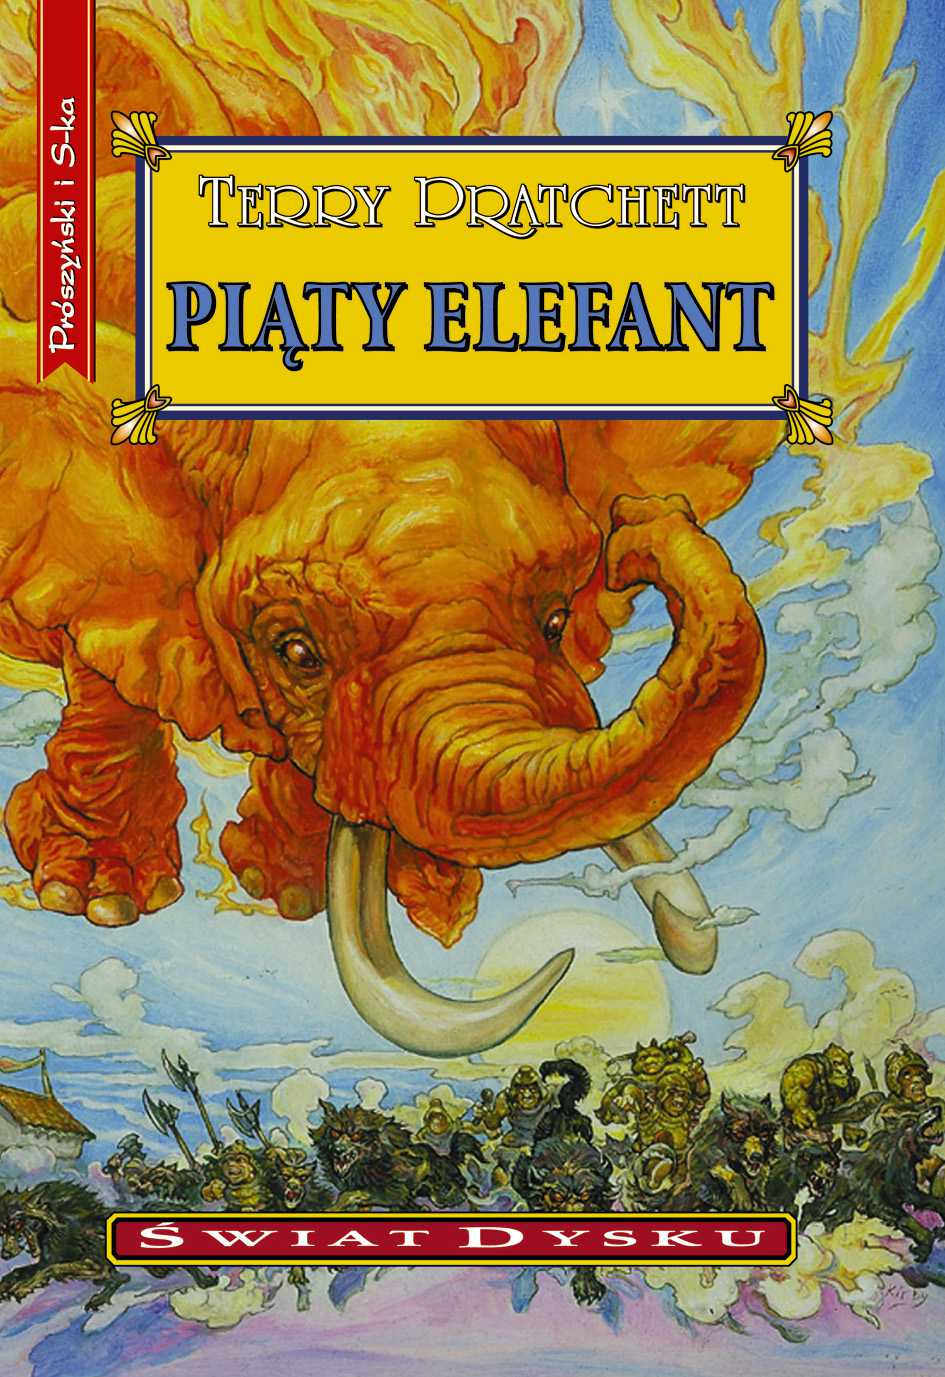 Piąty elefant - Ebook (Książka EPUB) do pobrania w formacie EPUB